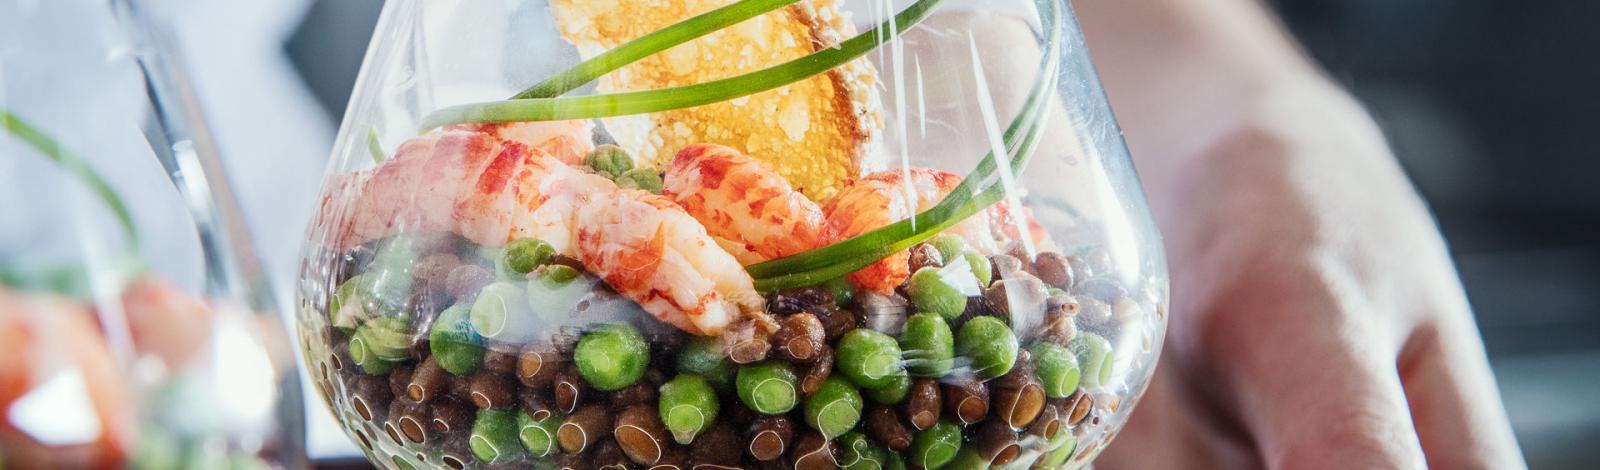 Salade de lentilles, petits pois et écrevisses